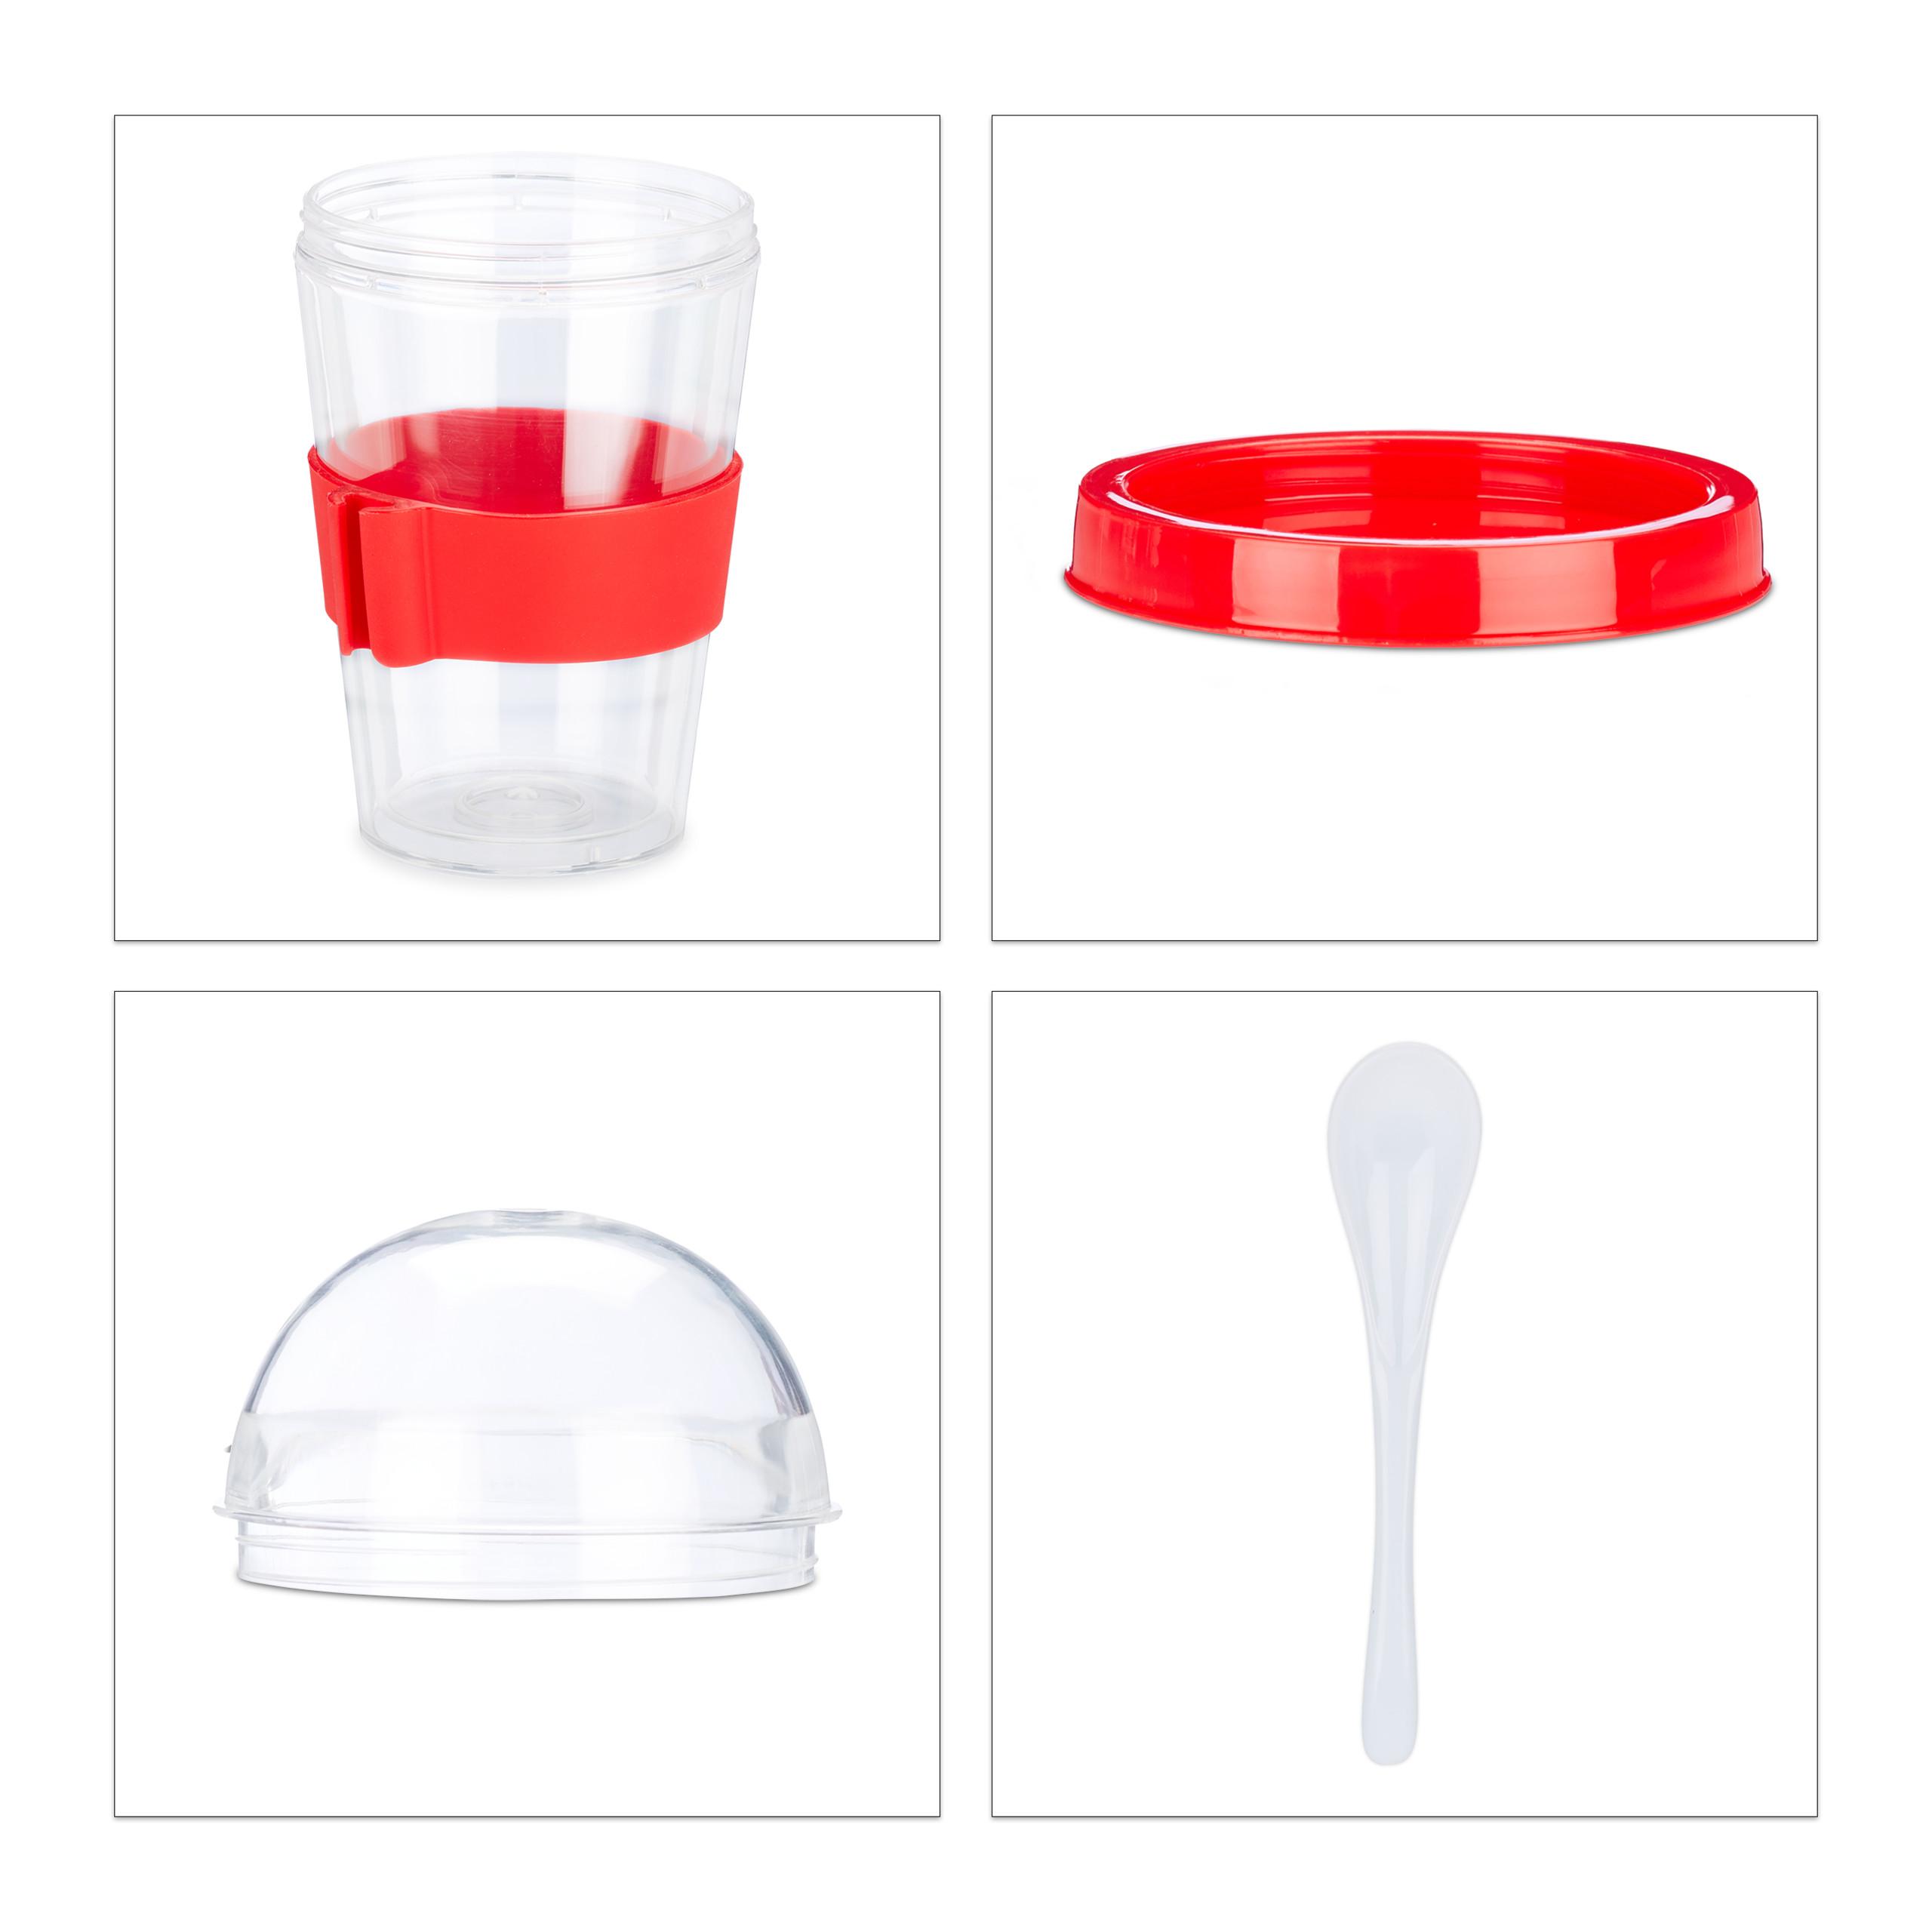 muesli-beker-to-go-yoghurtbeker-to-go-beker-met-lepel-set-van-2-bekers miniatuur 7